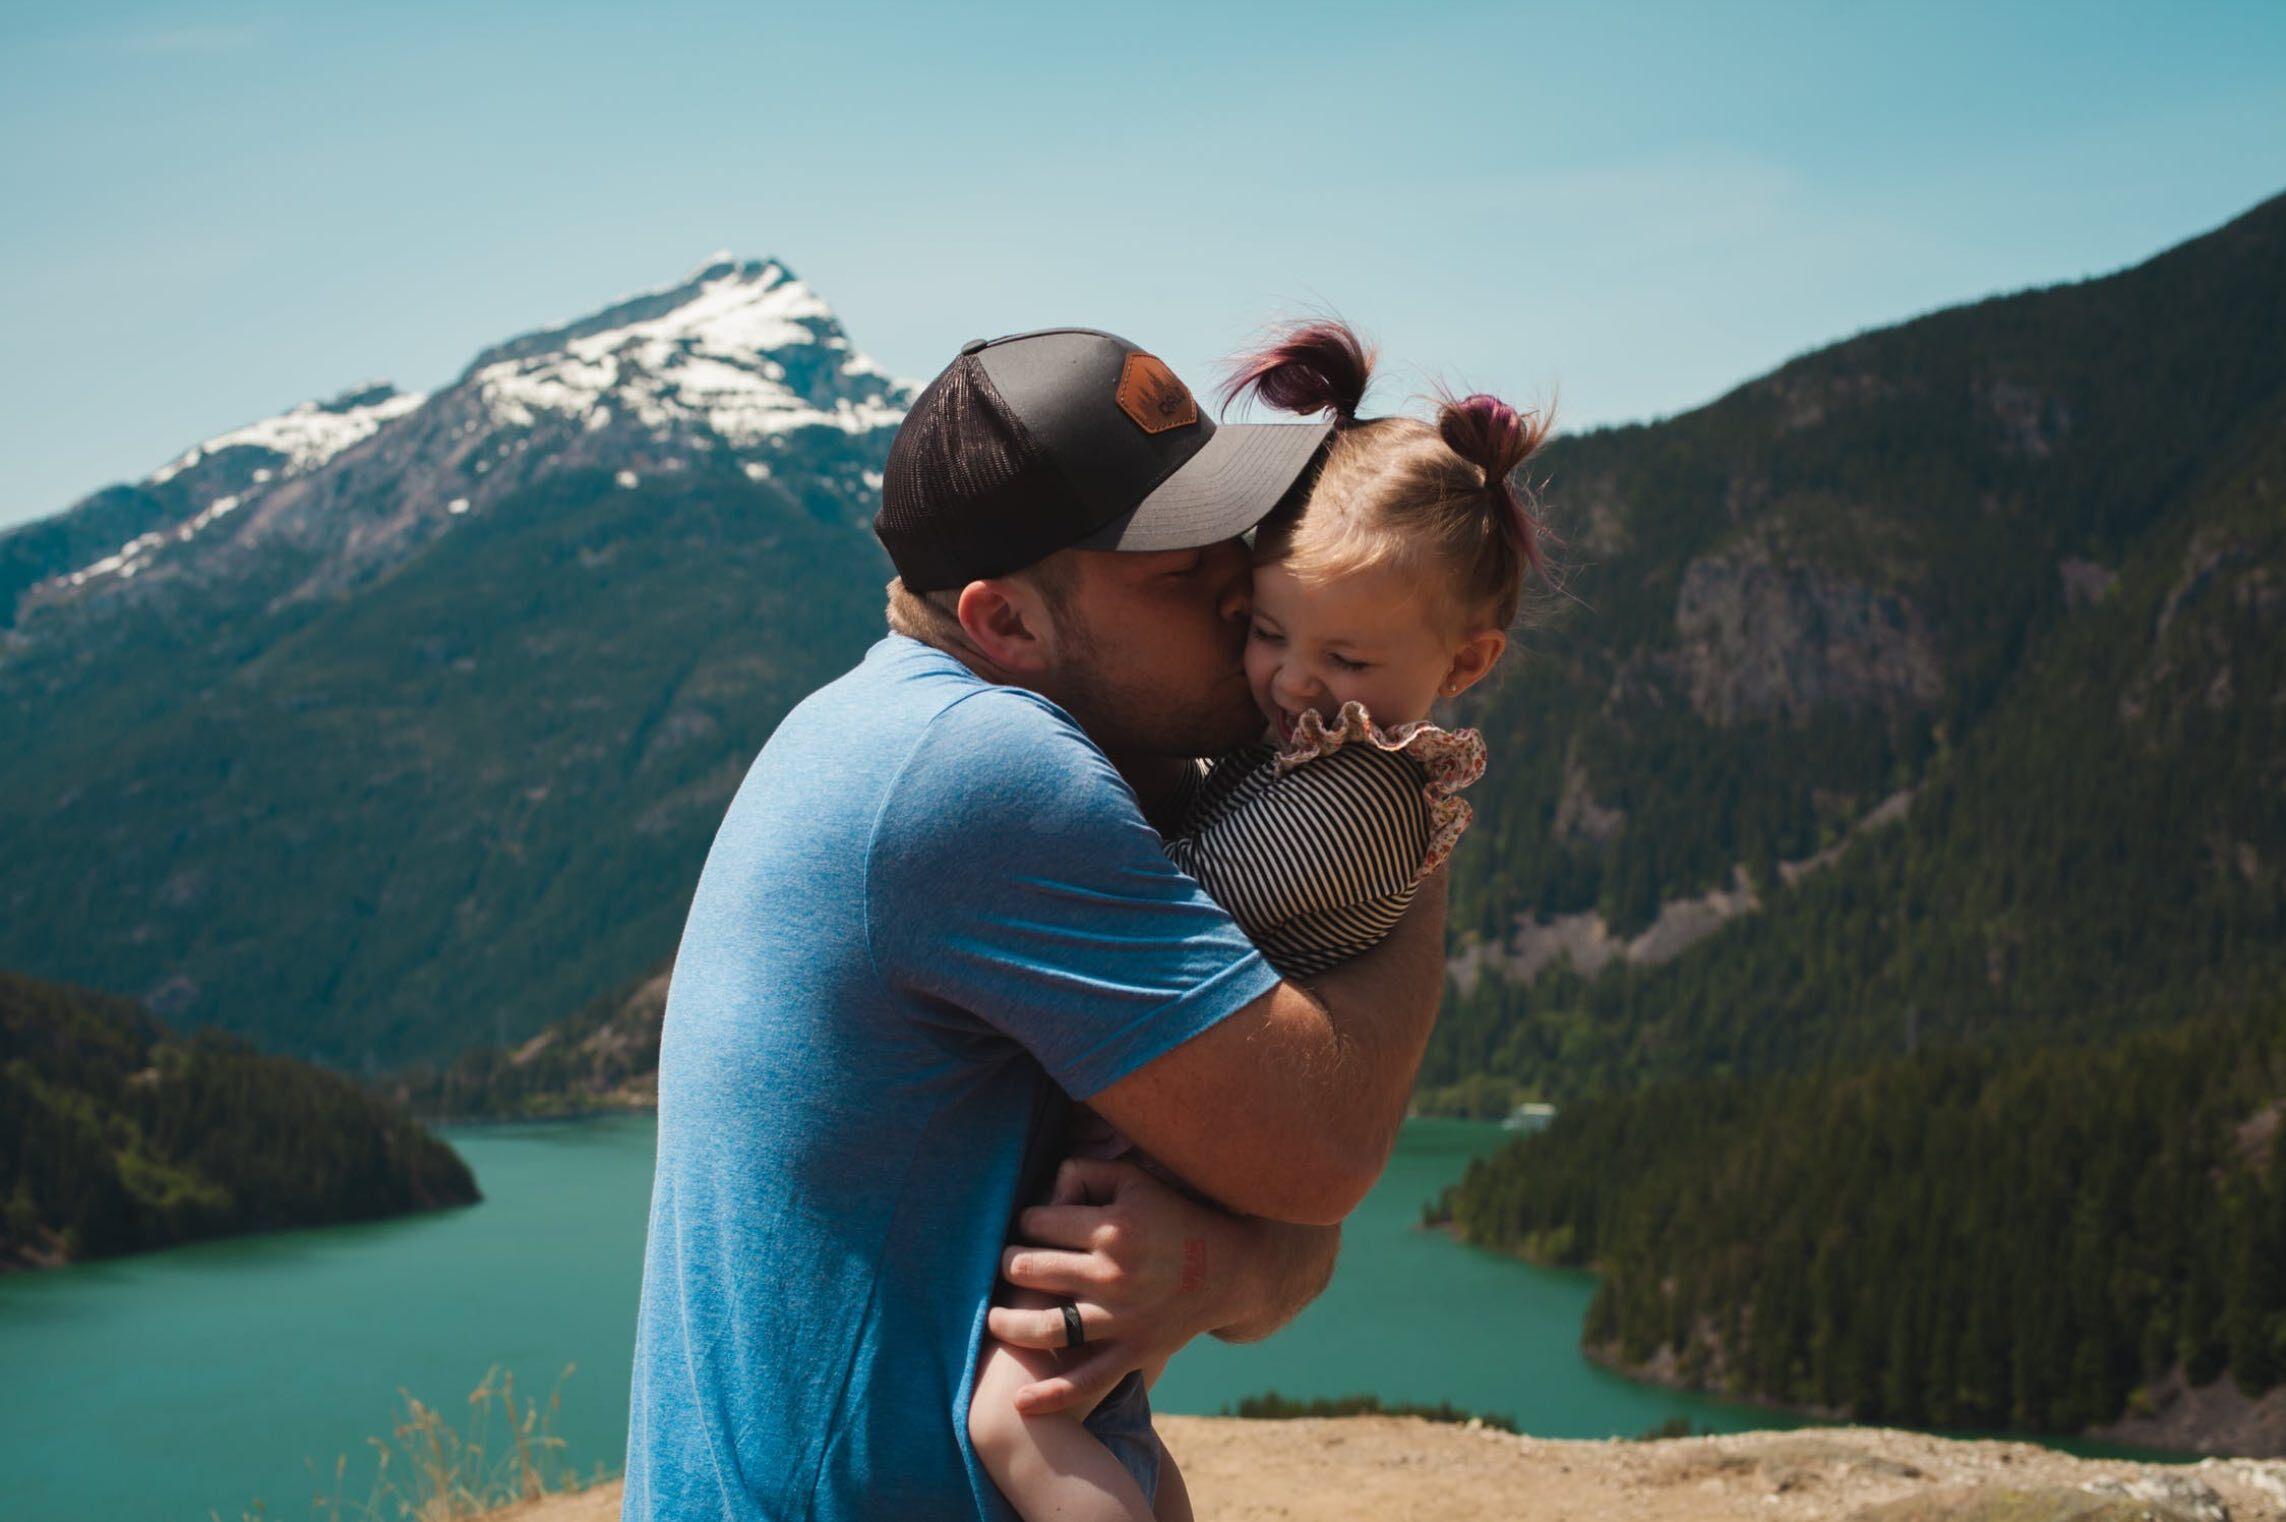 Lo que significa ser papá, según 10 papás alrededor del mundo